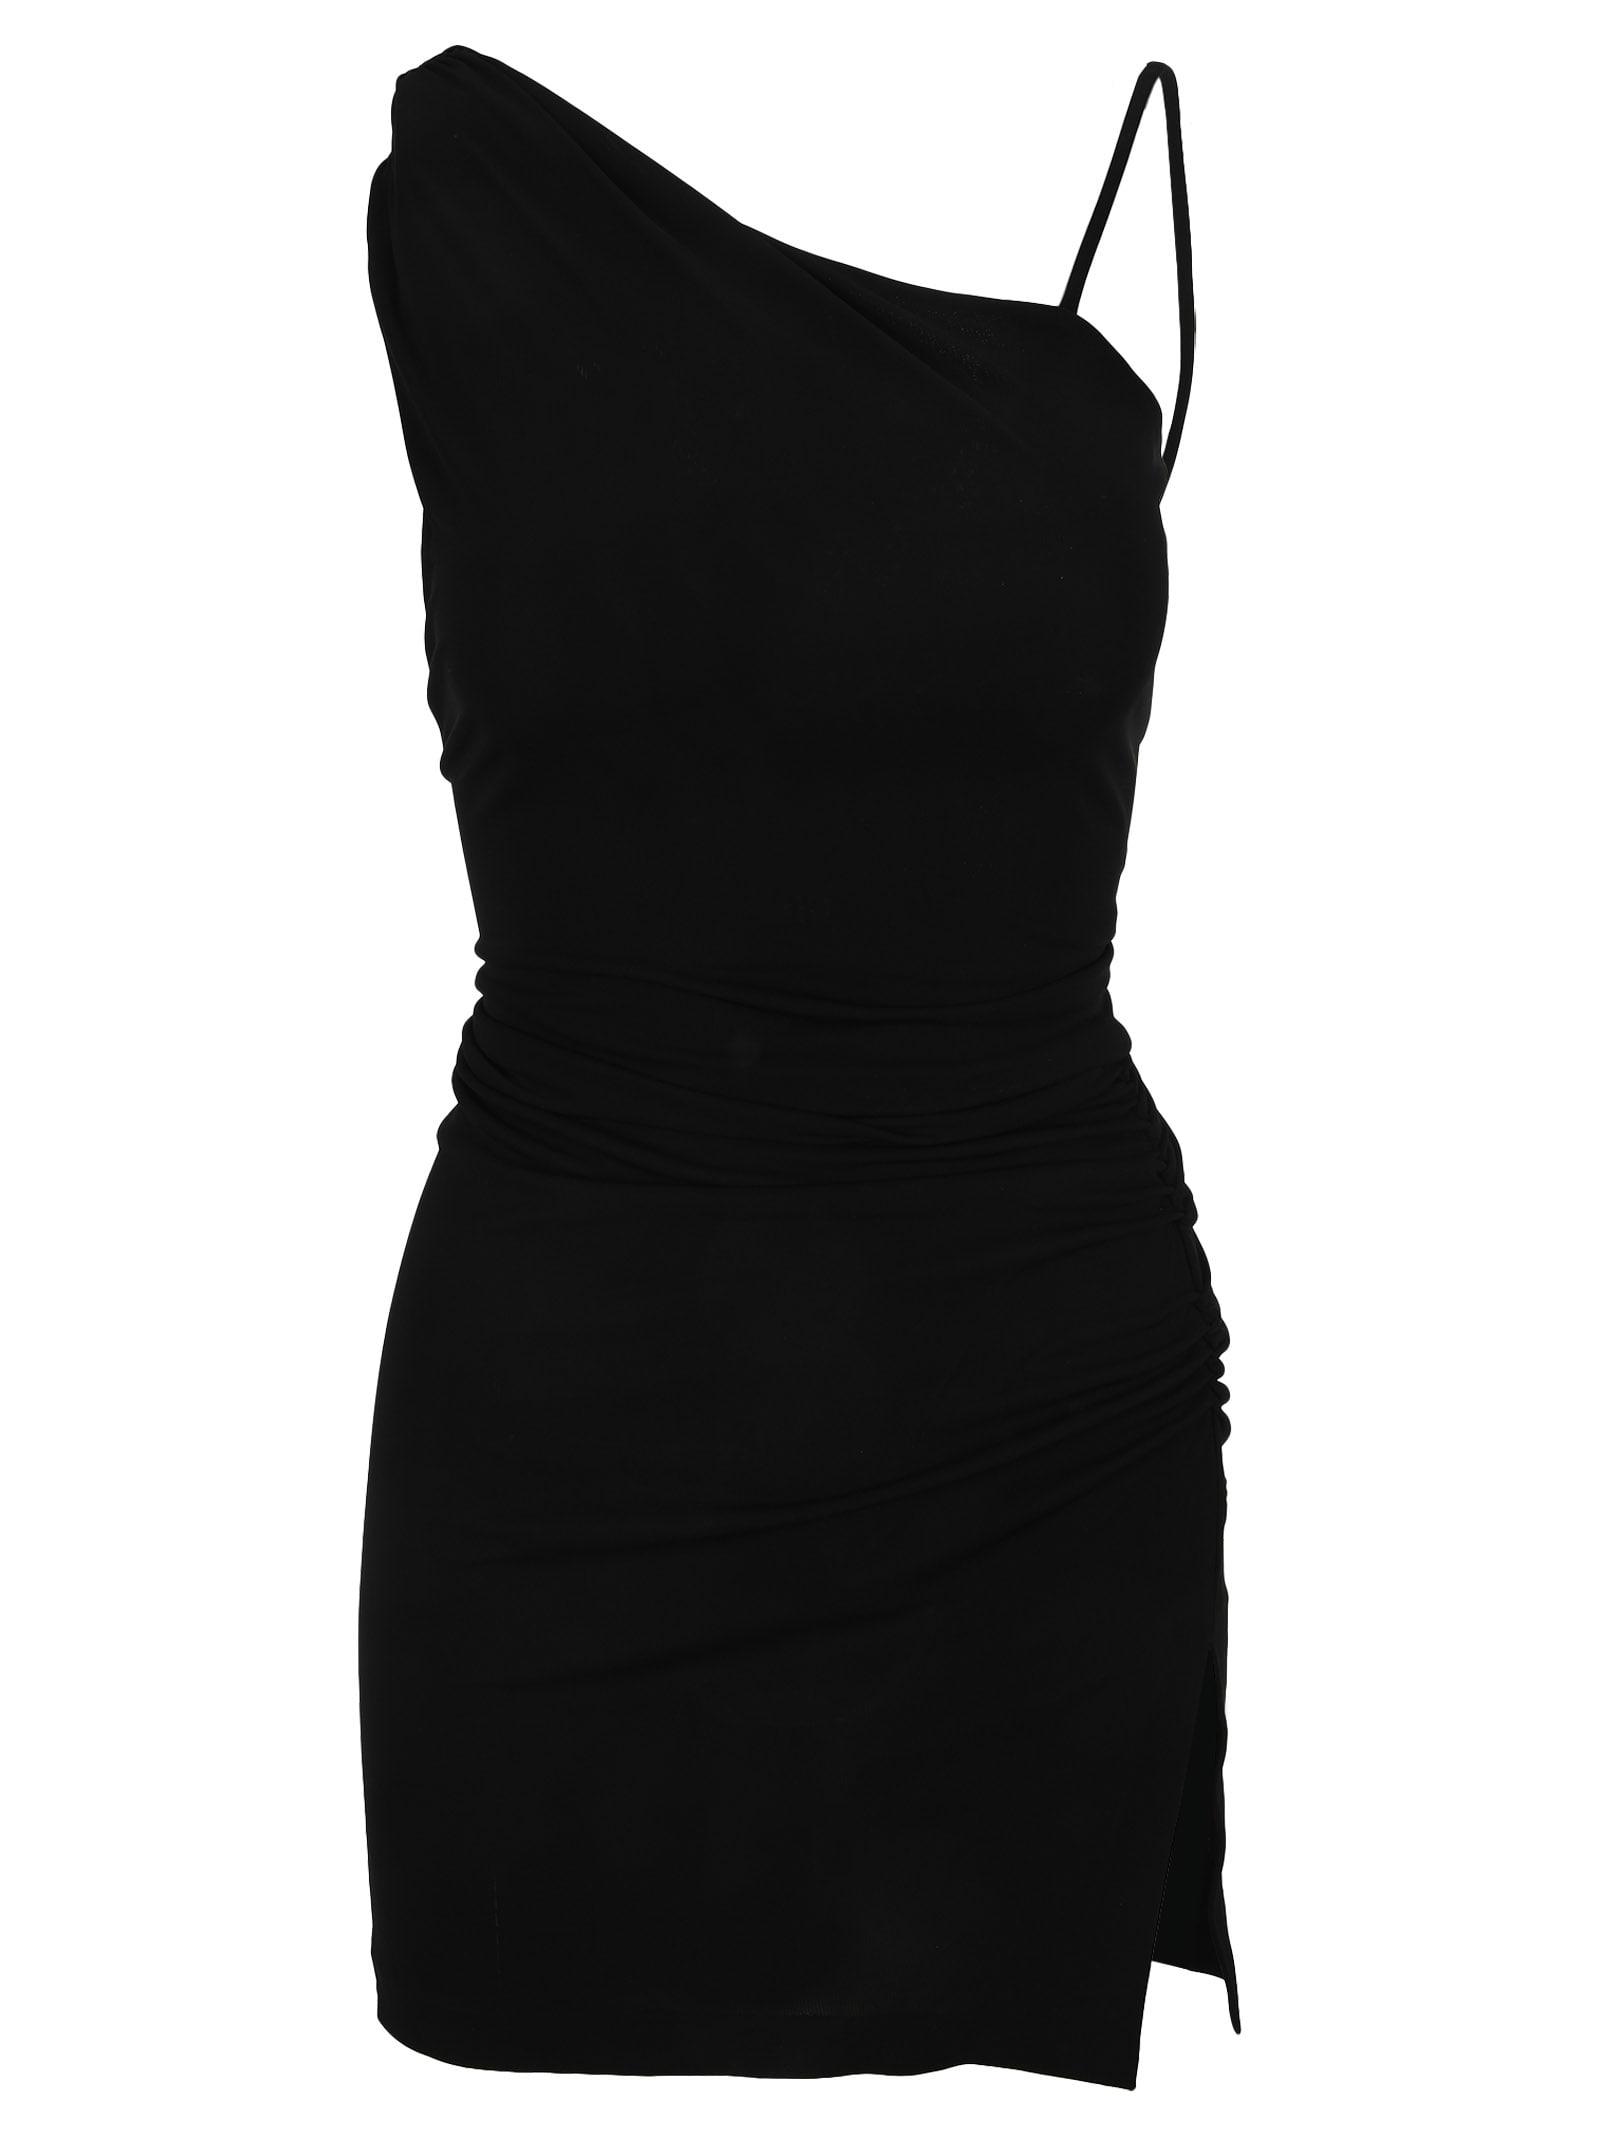 Buy 1017 ALYX 9SM Alyx Asymmetric Mini Dress online, shop 1017 ALYX 9SM with free shipping